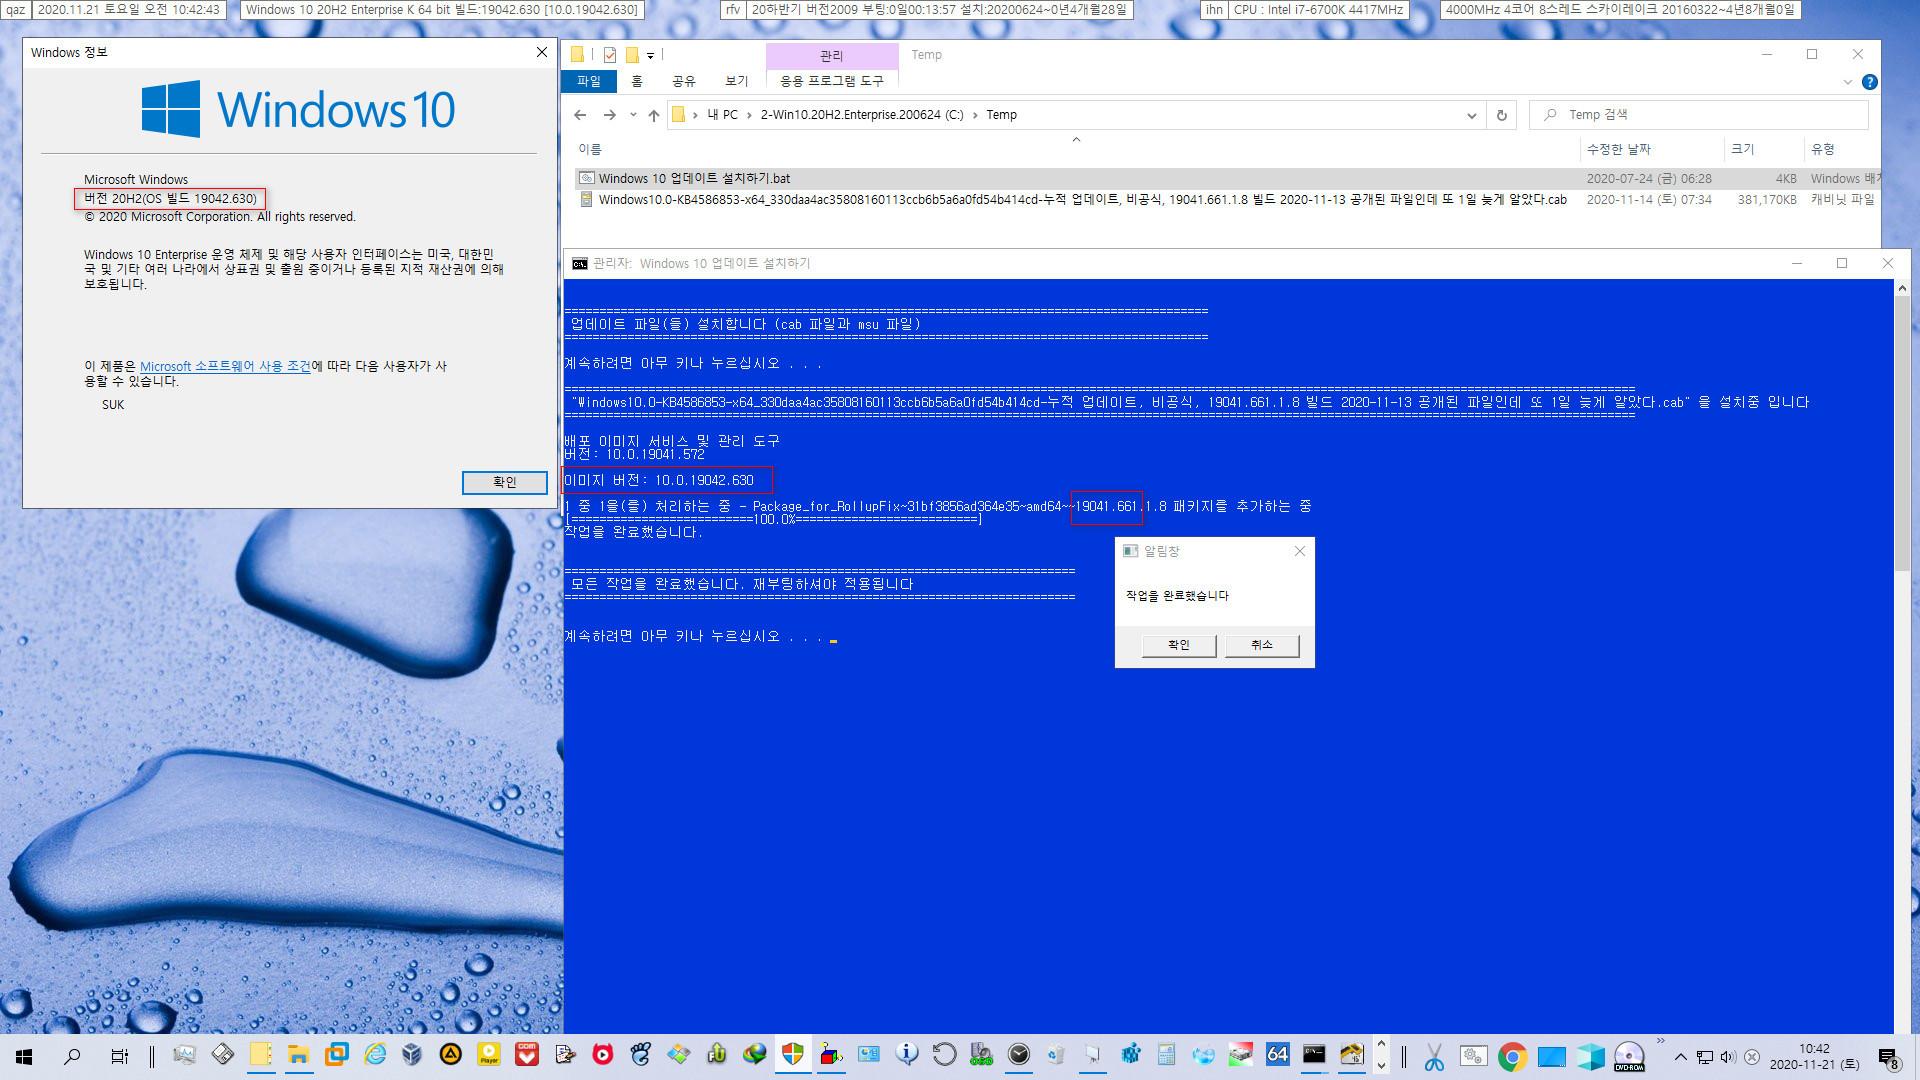 2020-11-21 토요일 Windows 10 버전 20H2 누적 업데이트 KB4586853 (OS 빌드 19042.661) [2020-11-14일자 선택적 프리뷰 유출 업데이트]를 실컴에 설치 2020-11-21_104243.jpg